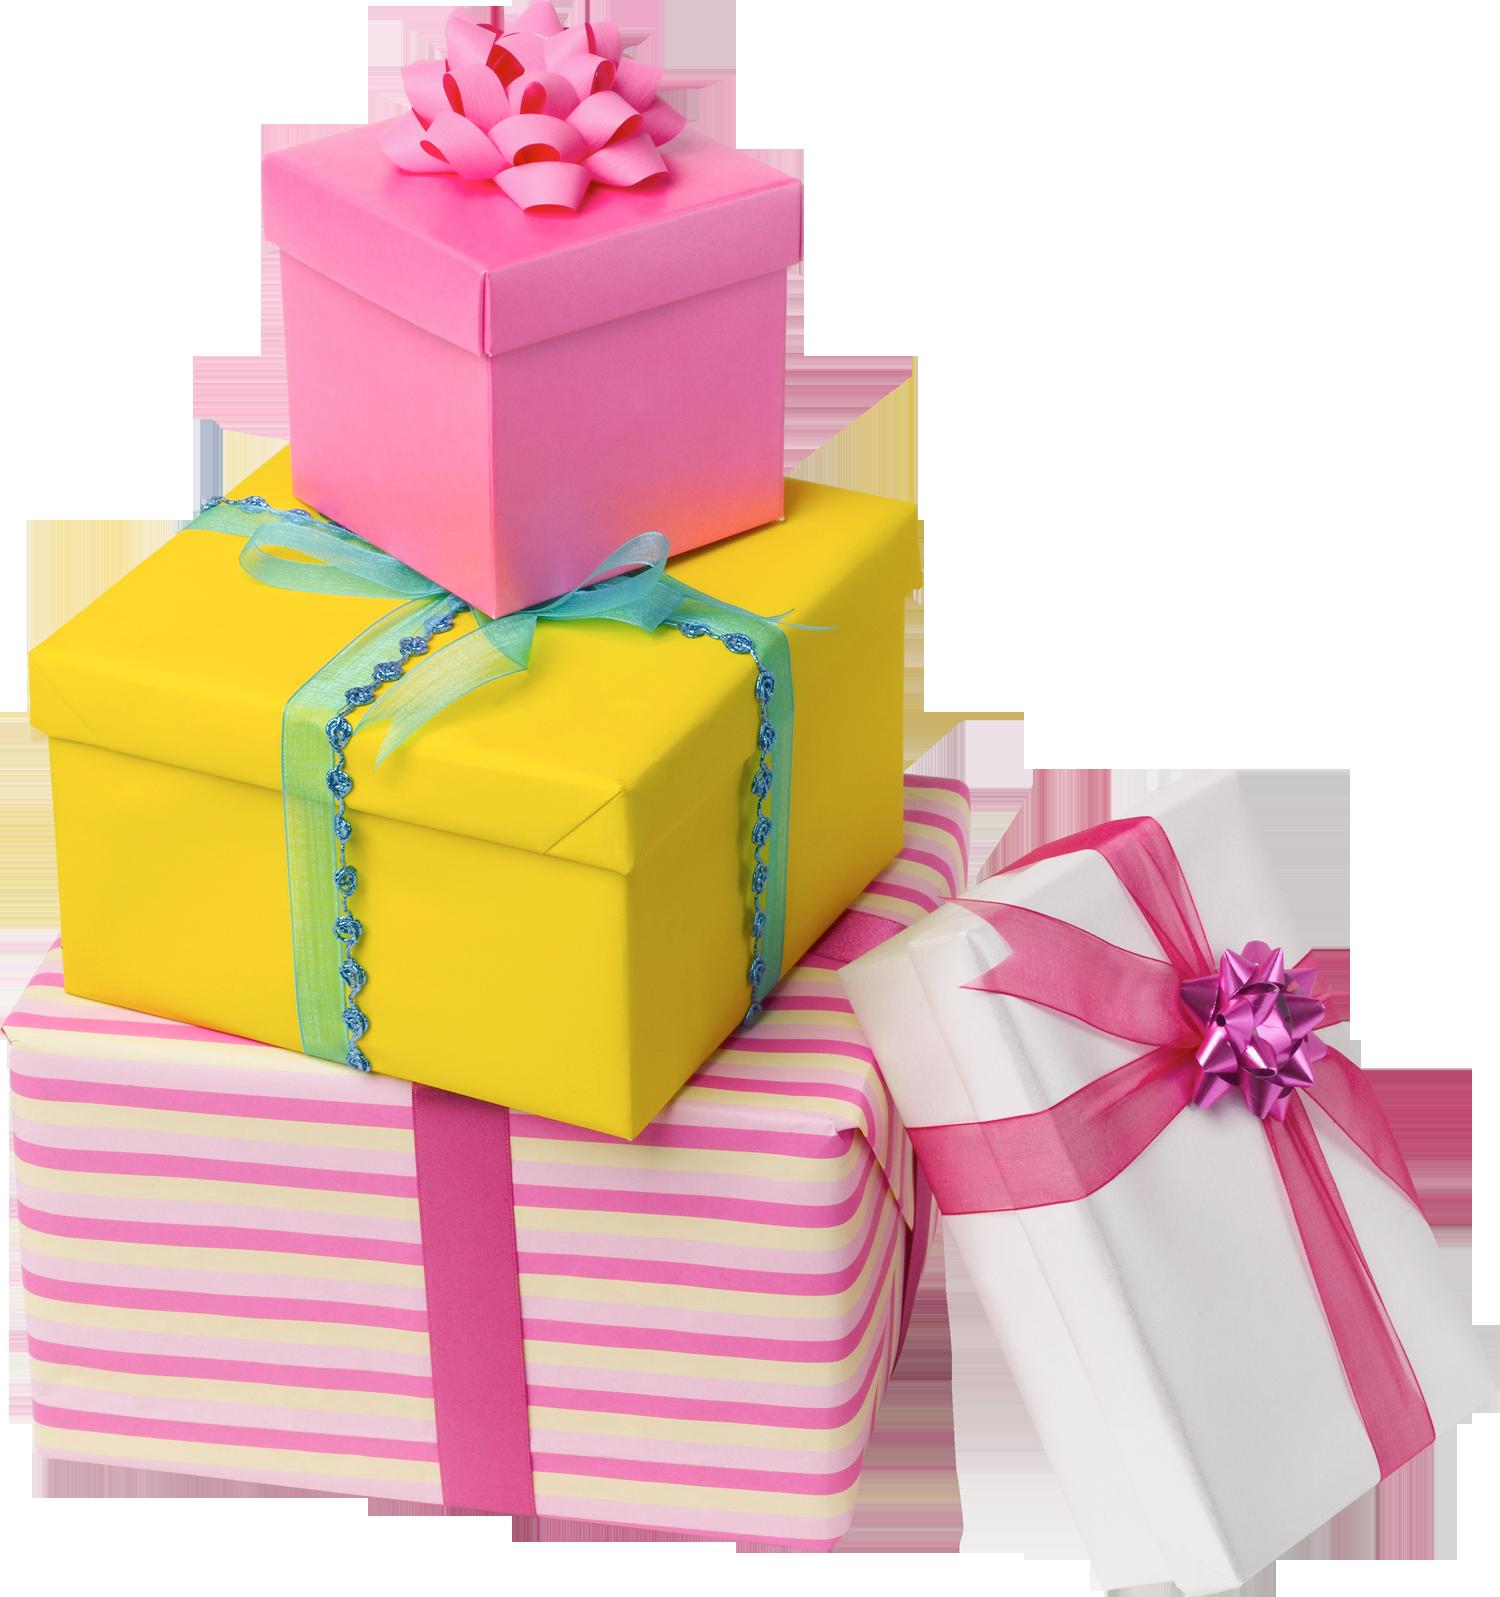 Тебе сегодня все подарки и поздравления